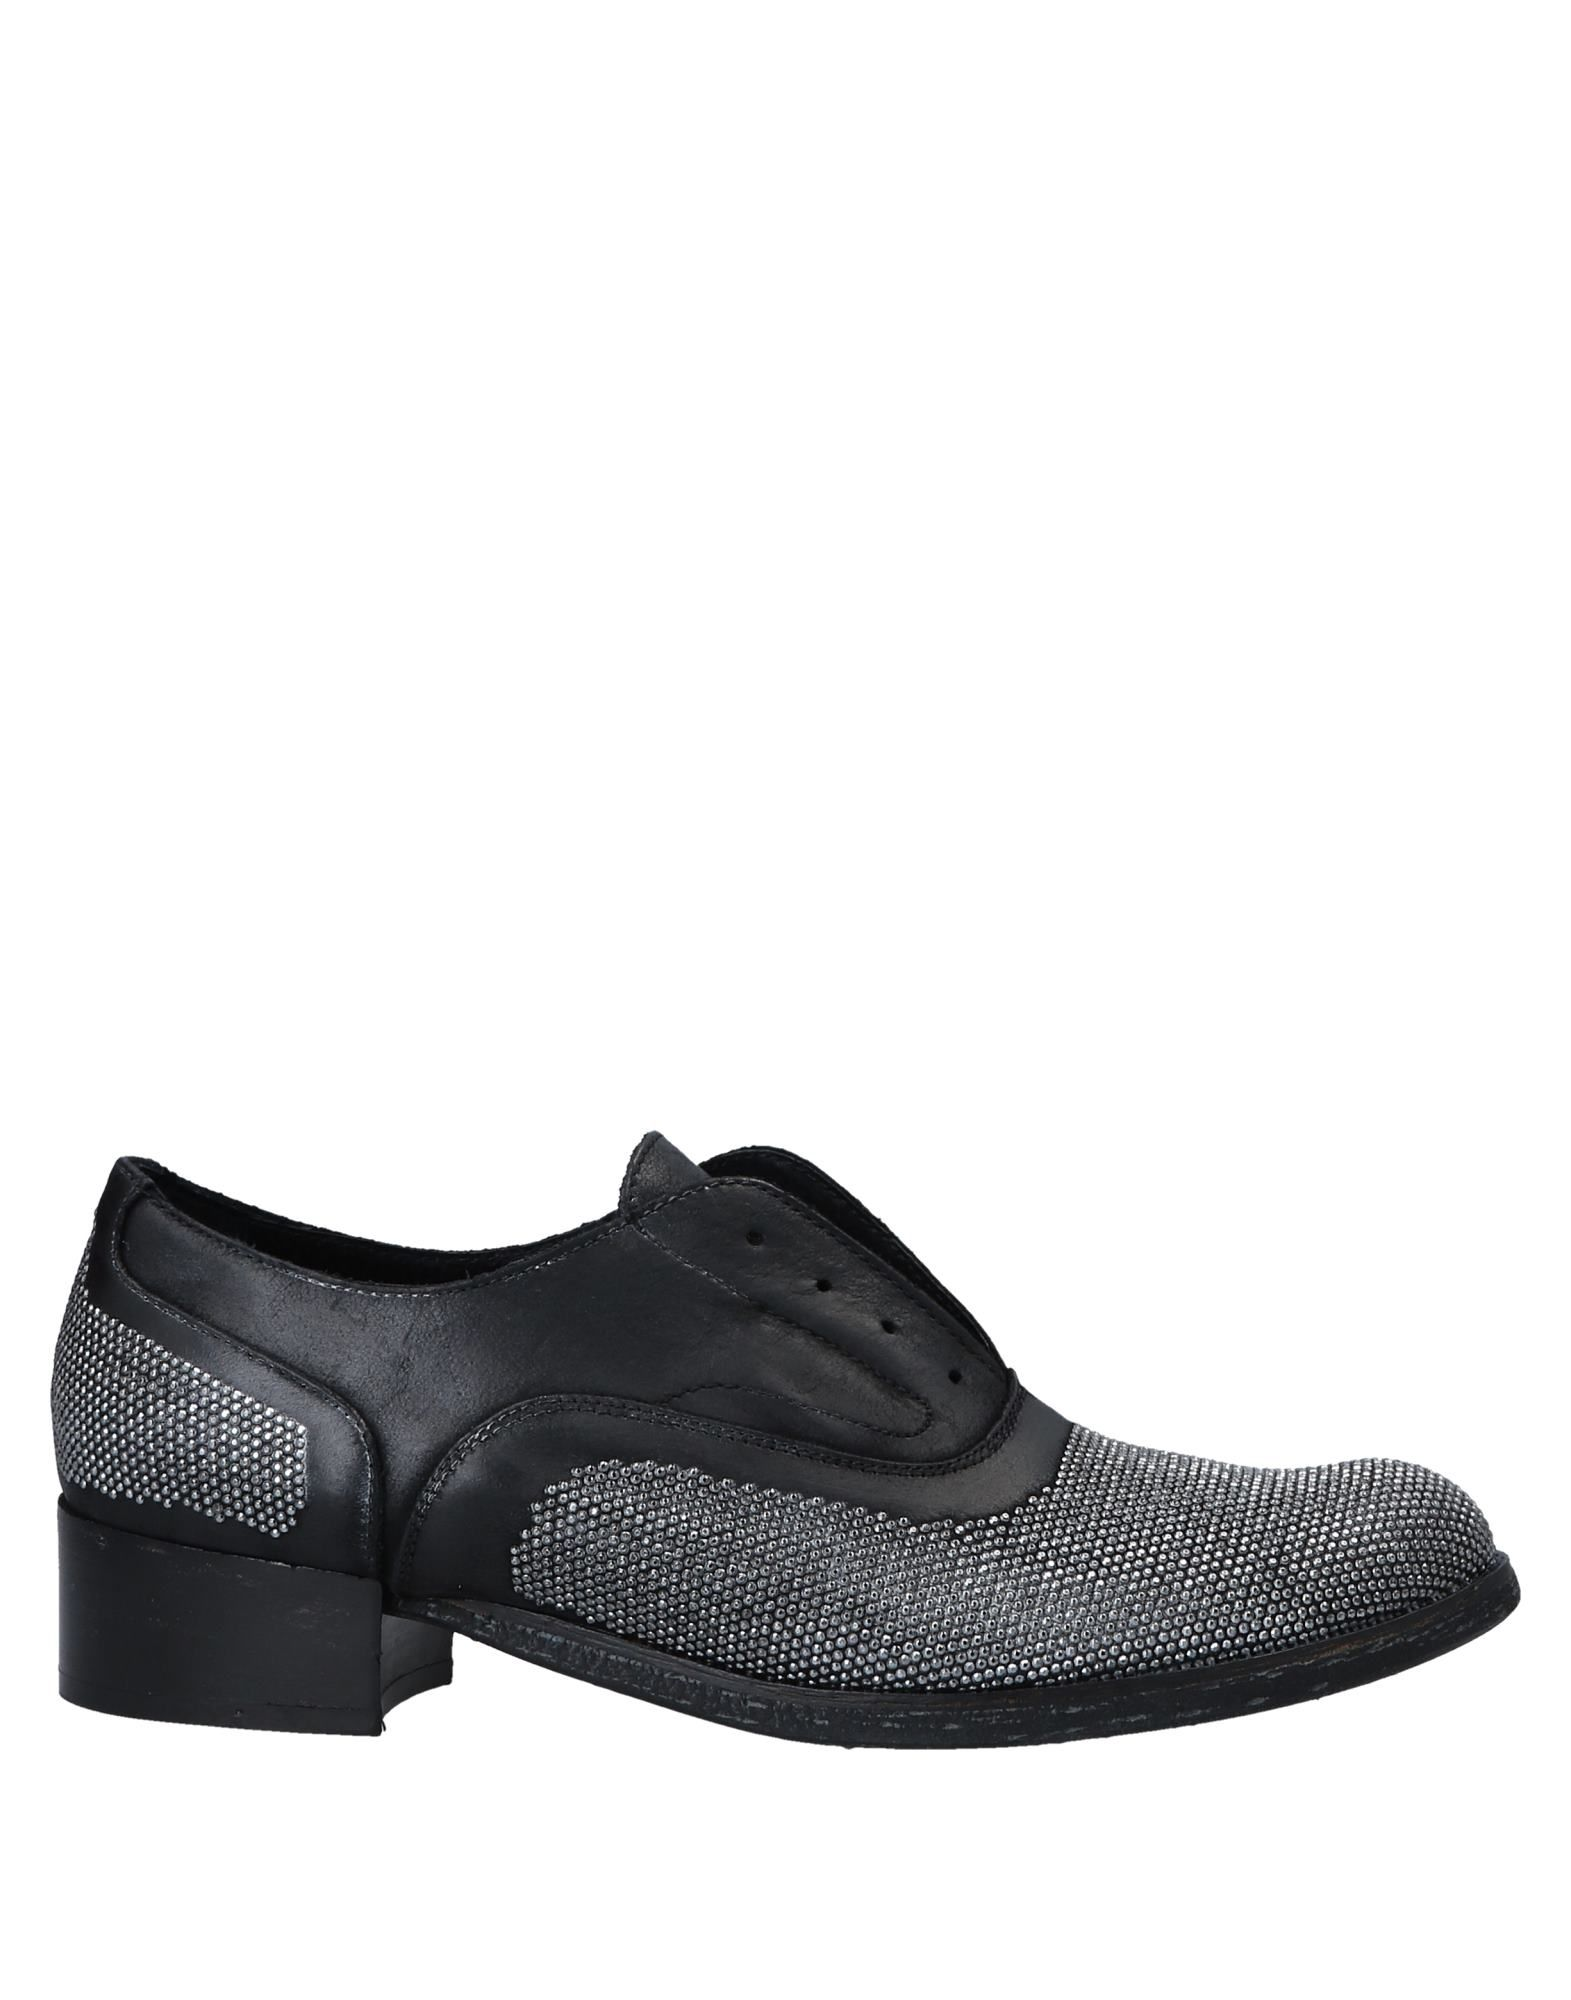 Metisse Schnürschuhe Damen  11553154BS Gute Qualität beliebte Schuhe